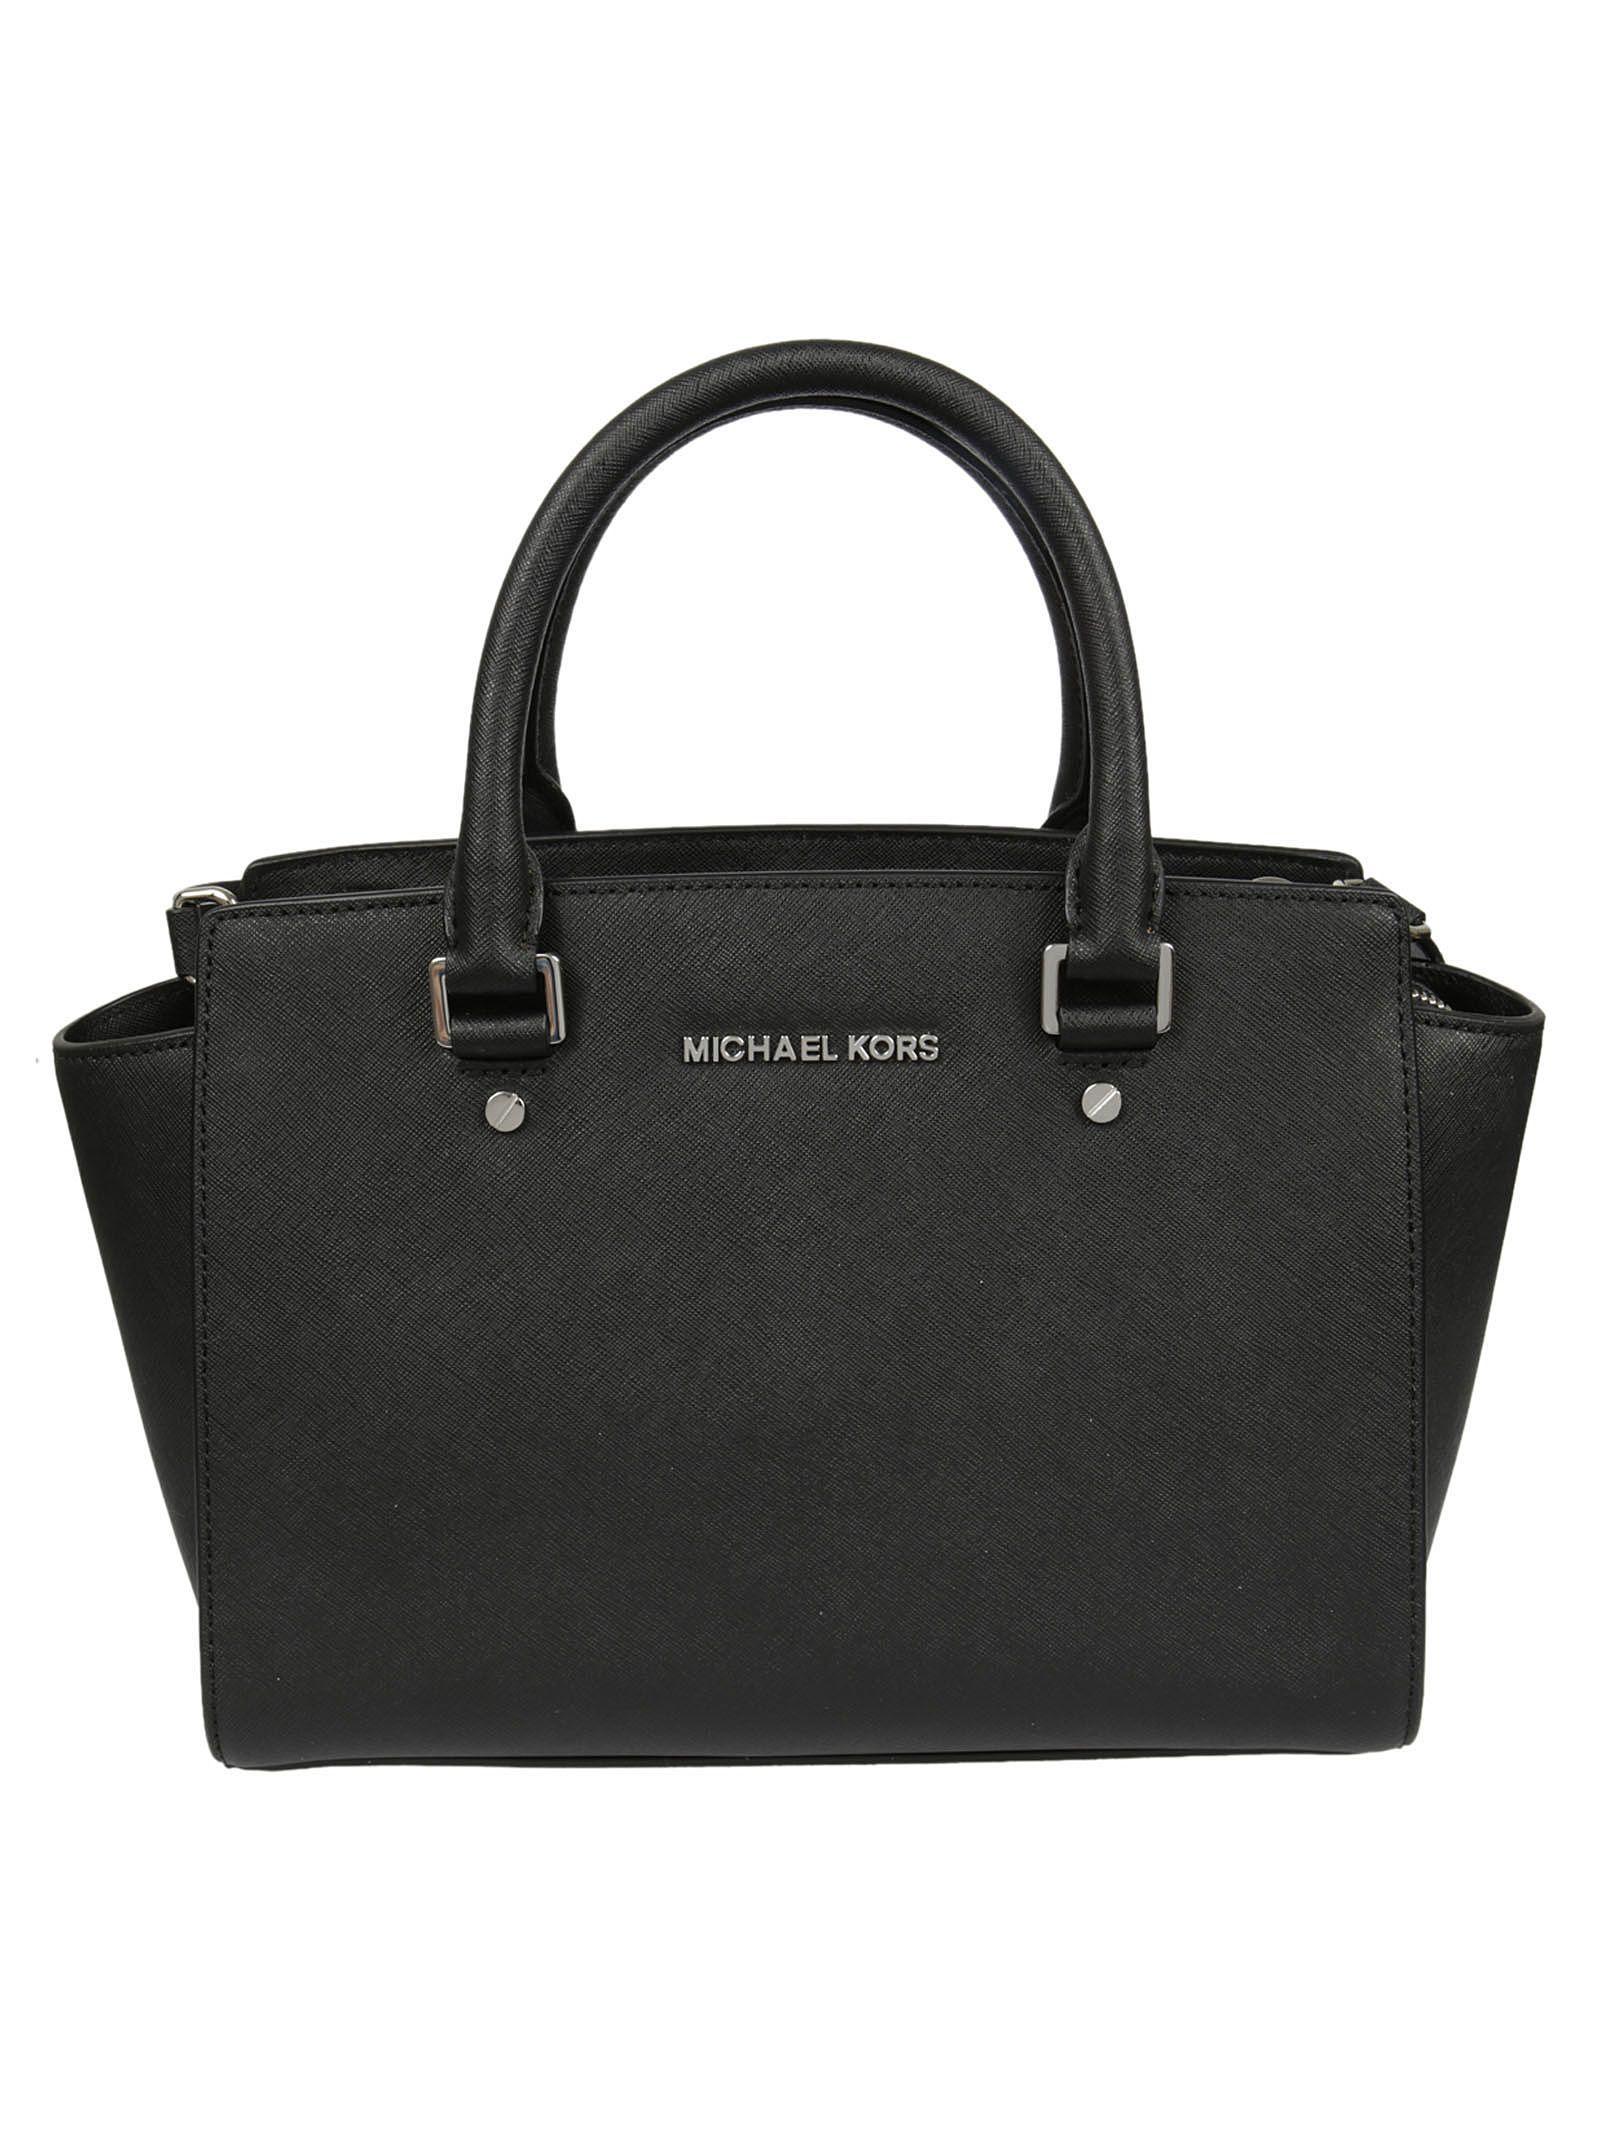 Michael Kors Selma Satchel Bag In Black